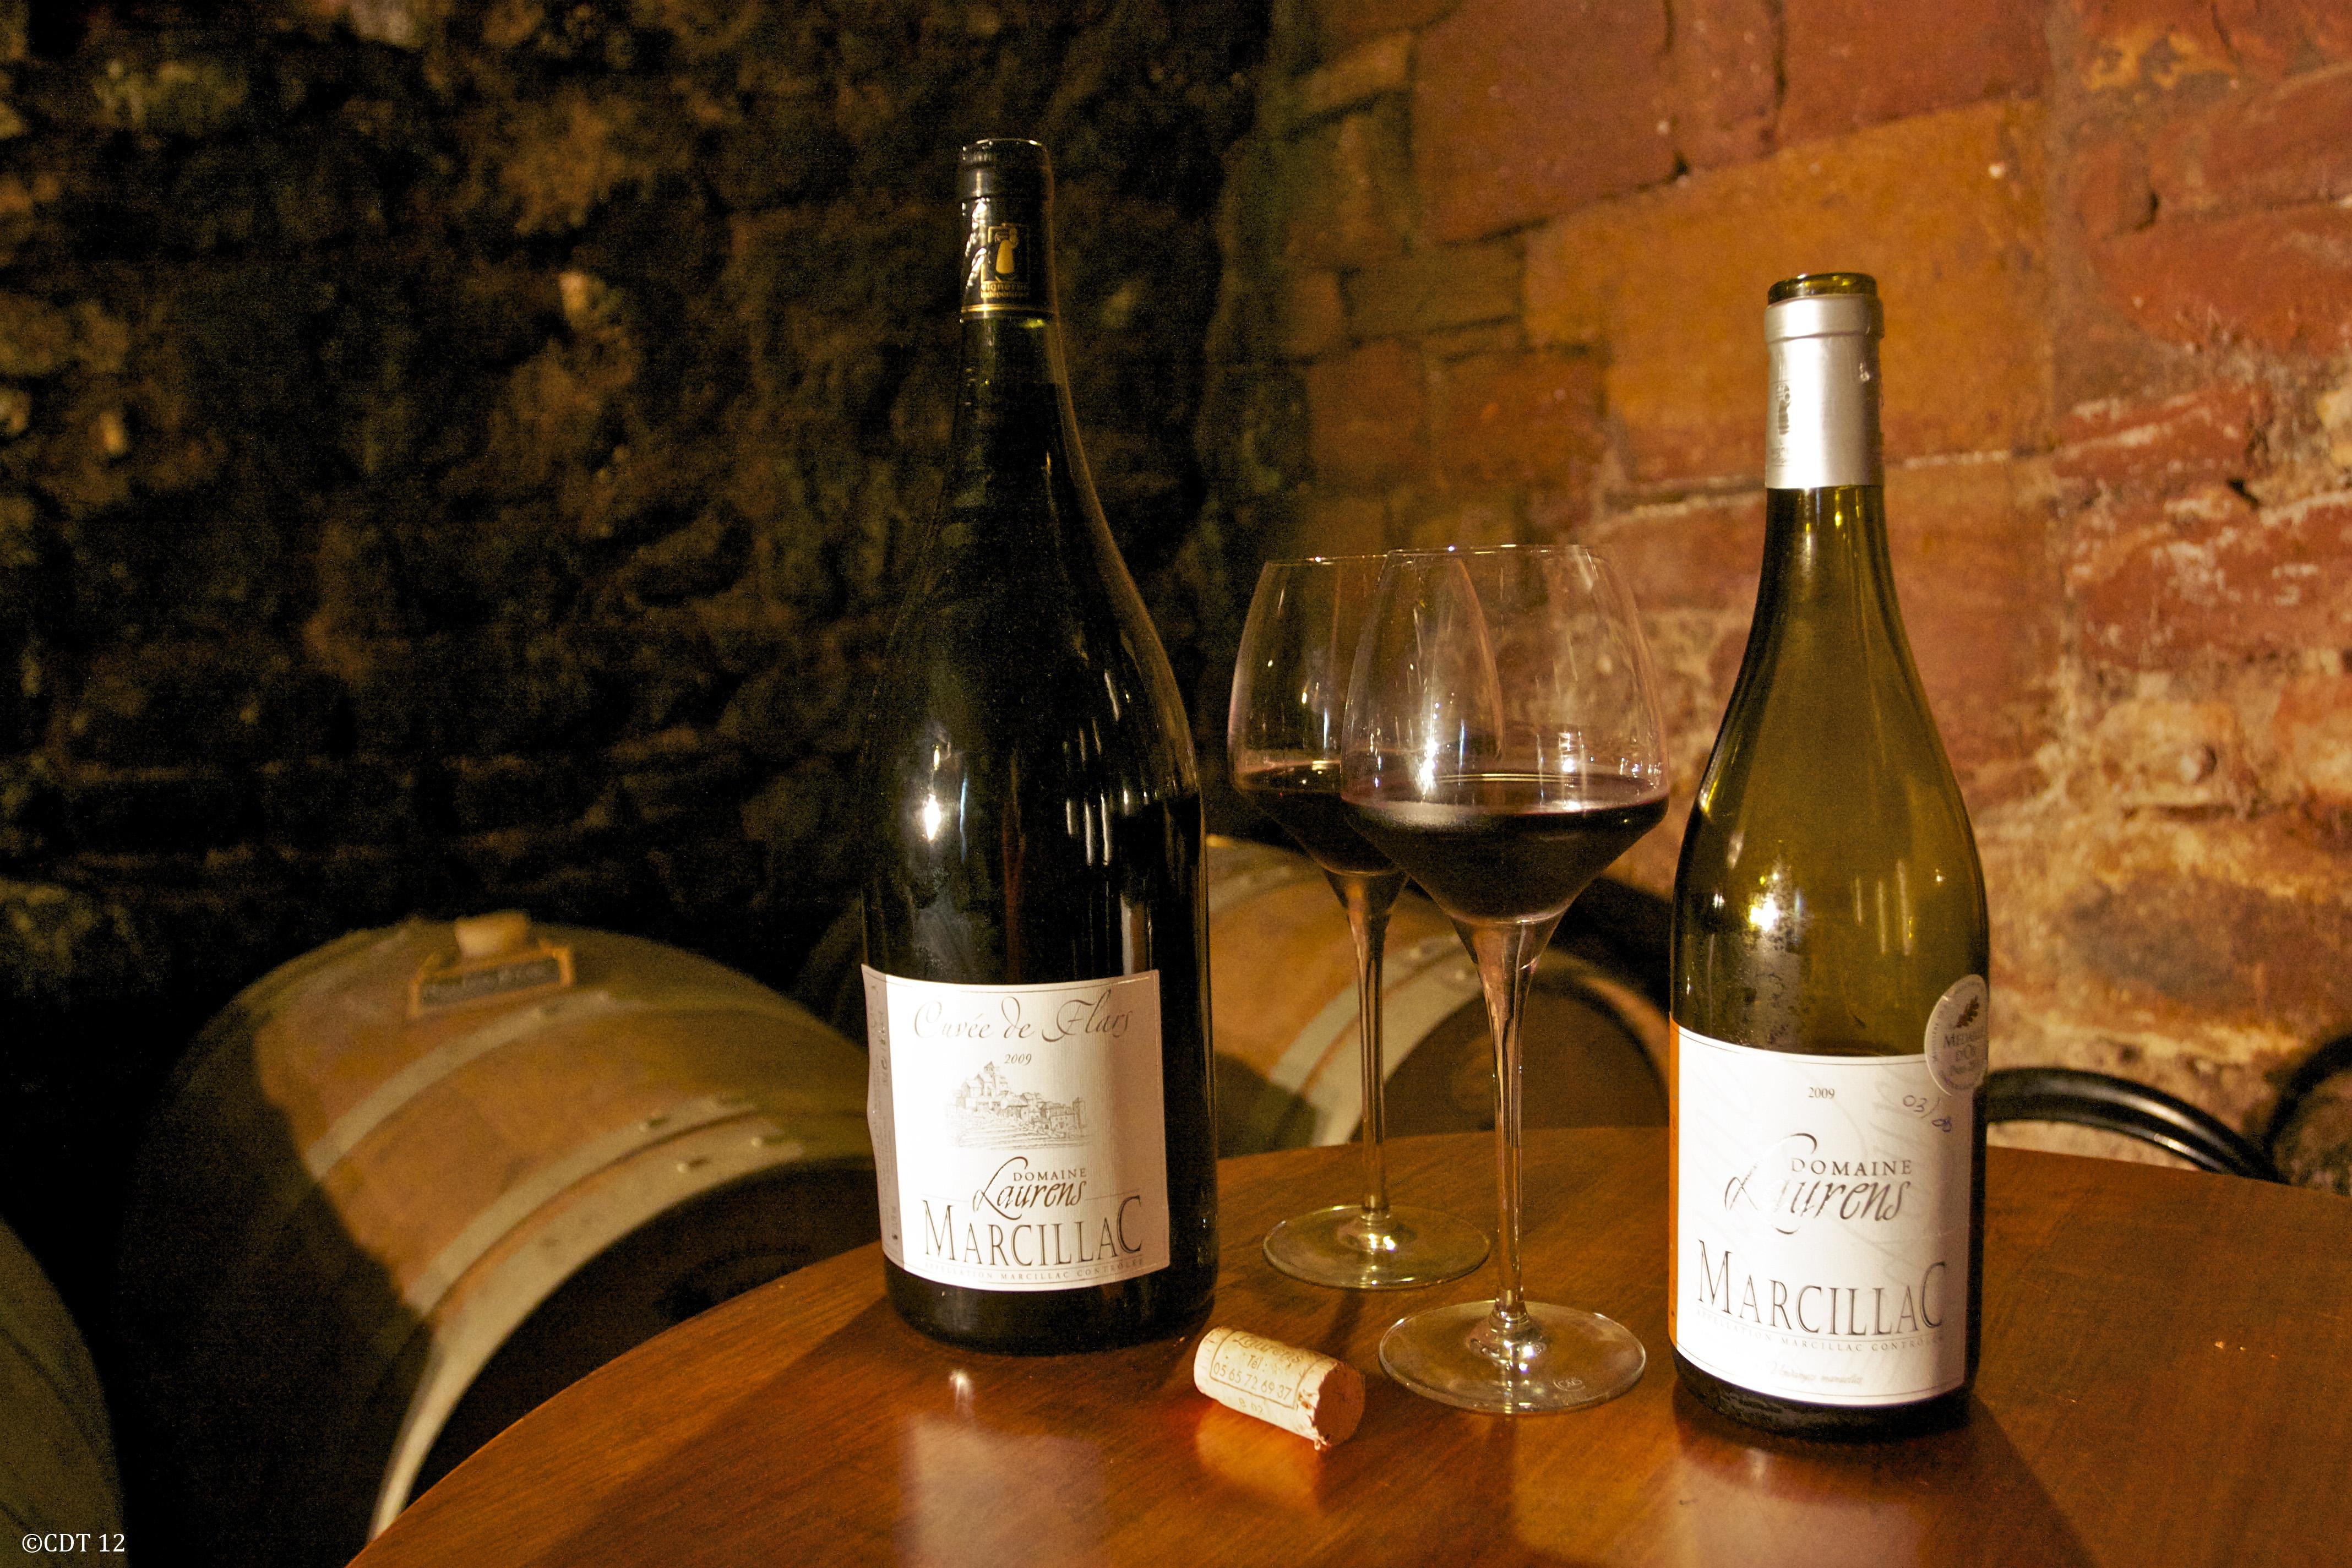 Mon futur achat sera une cave à vin